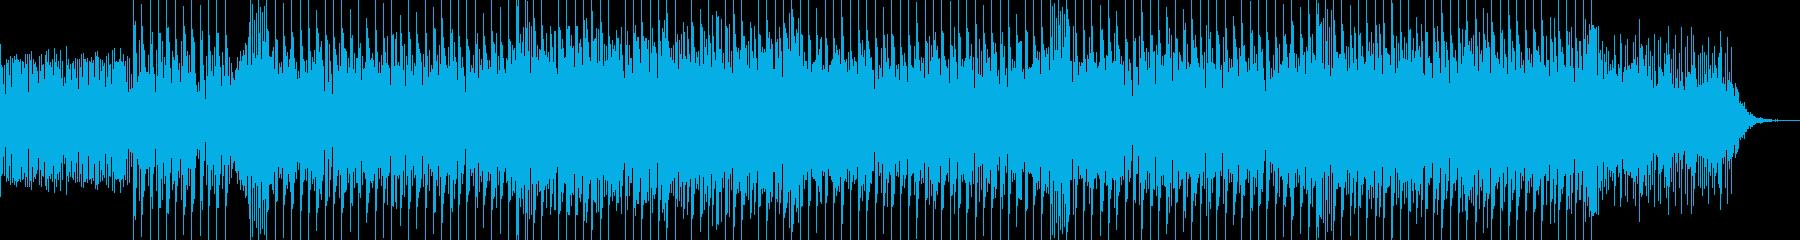 ほのぼのする感じのカッコイイEDMの再生済みの波形